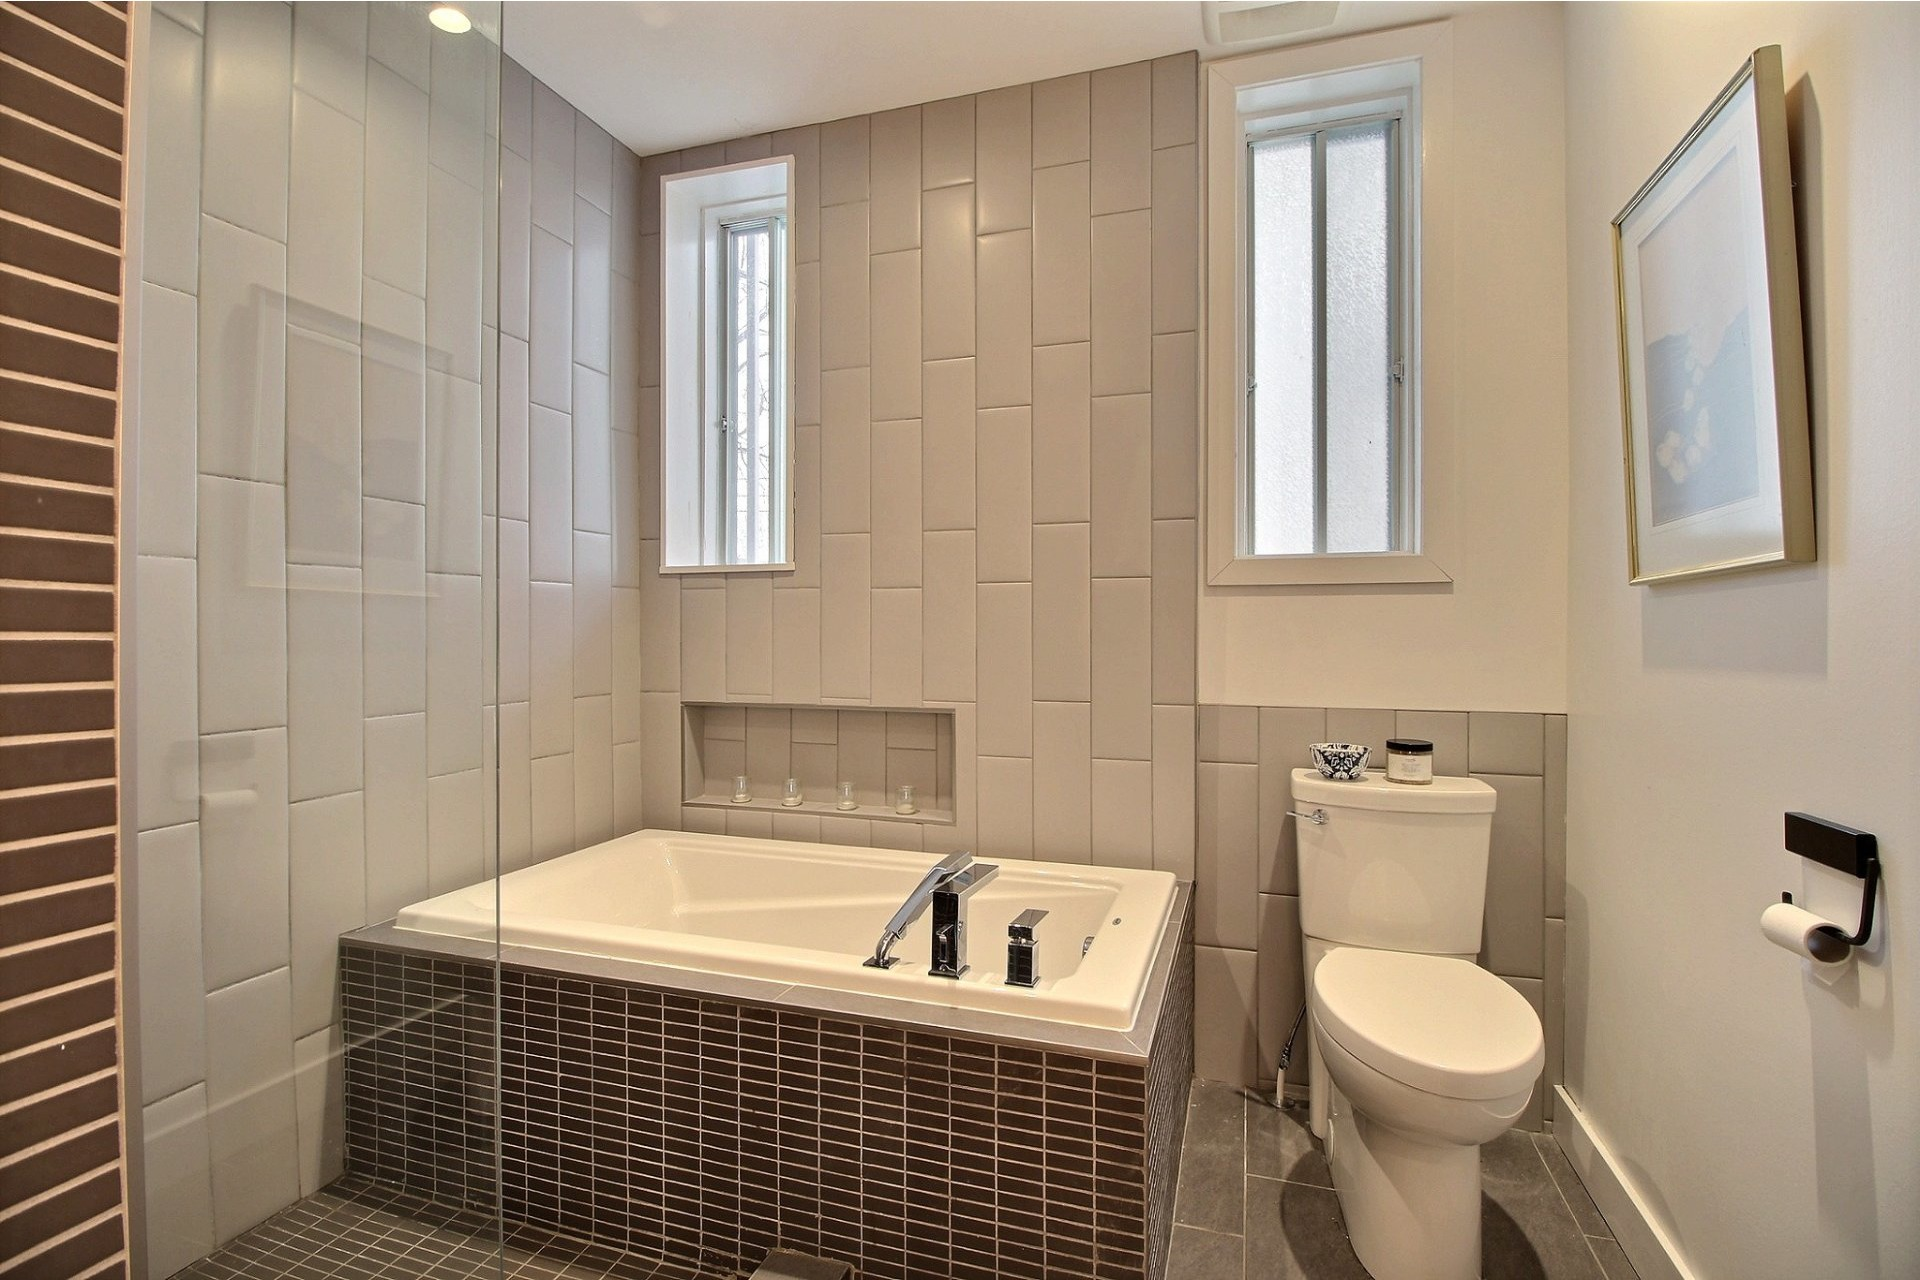 image 10 - Appartement À louer Montréal Ahuntsic-Cartierville  - 2 pièces